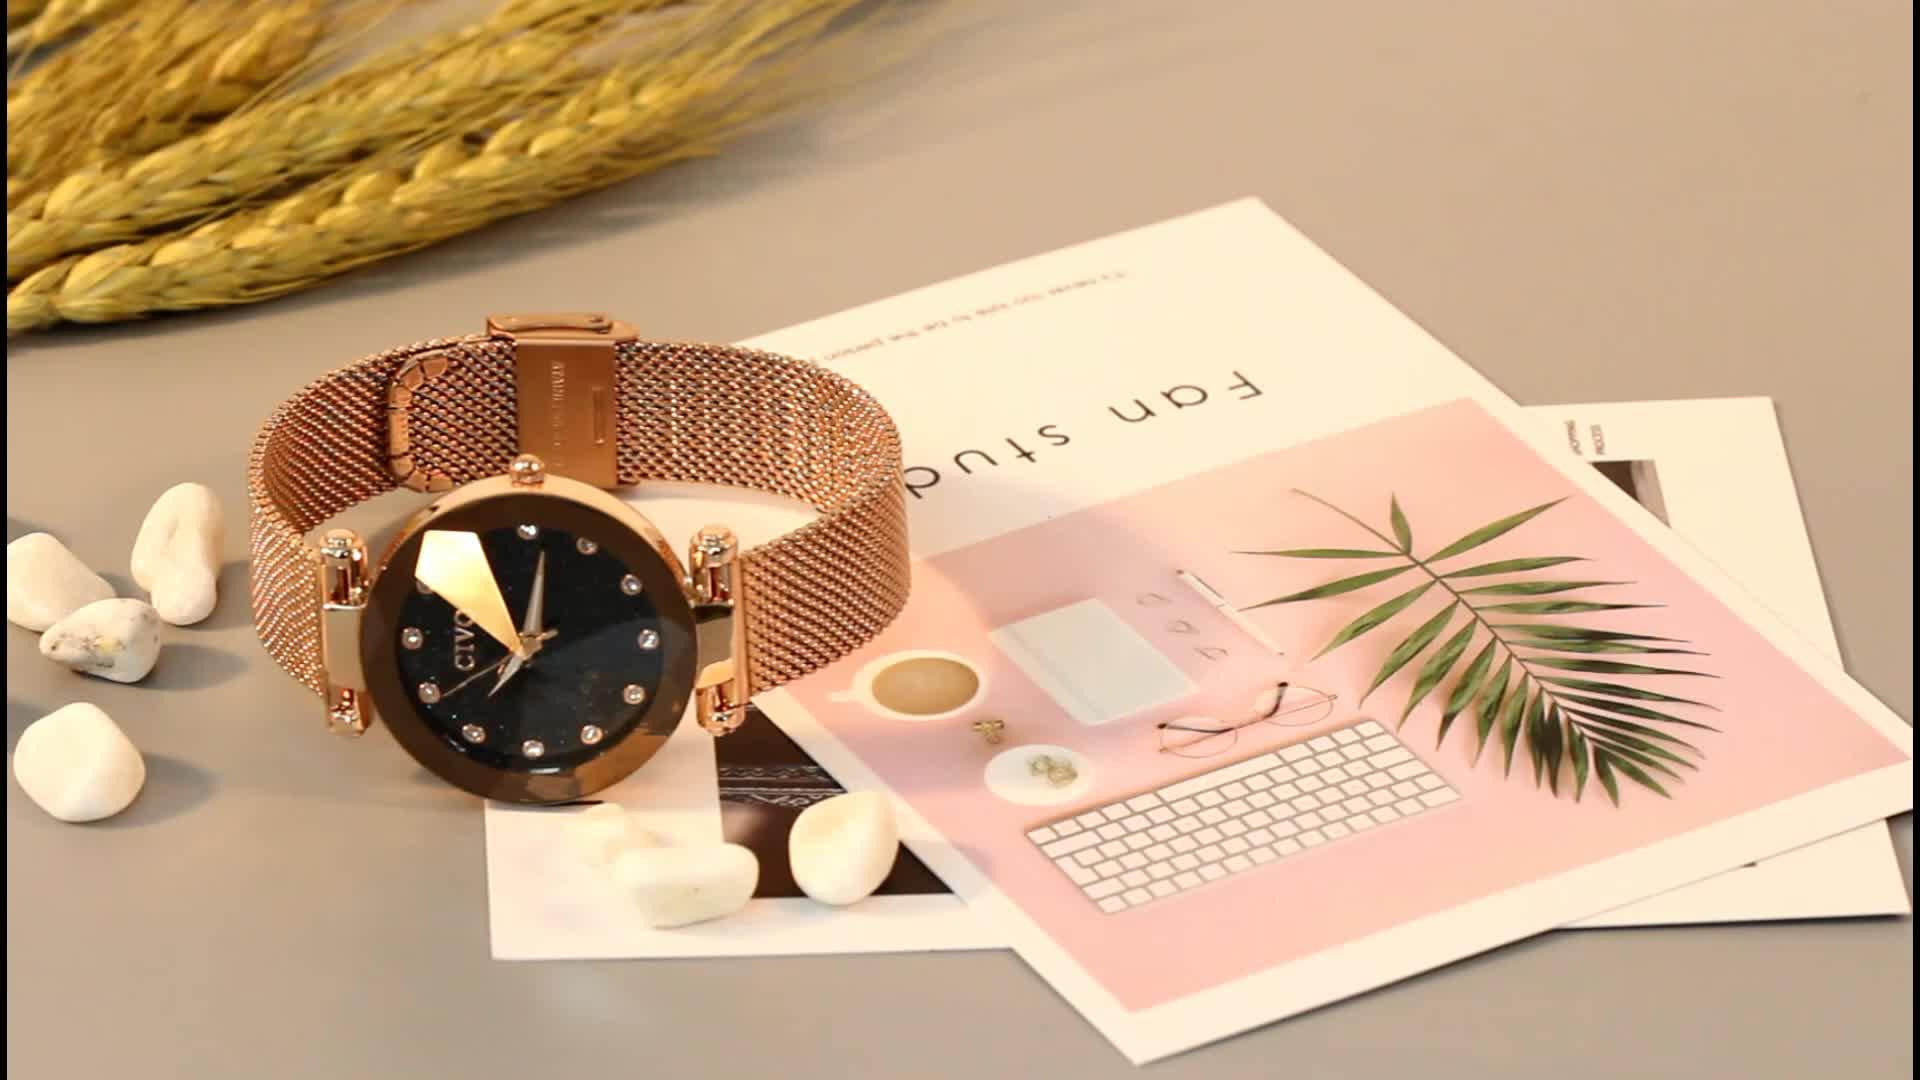 CIVO Moda Lüks Bayanlar kristal saat Su Geçirmez Gül Altın çelik ızgara Kuvars Kadın Saatler Top Marka Saat Relogio Feminino